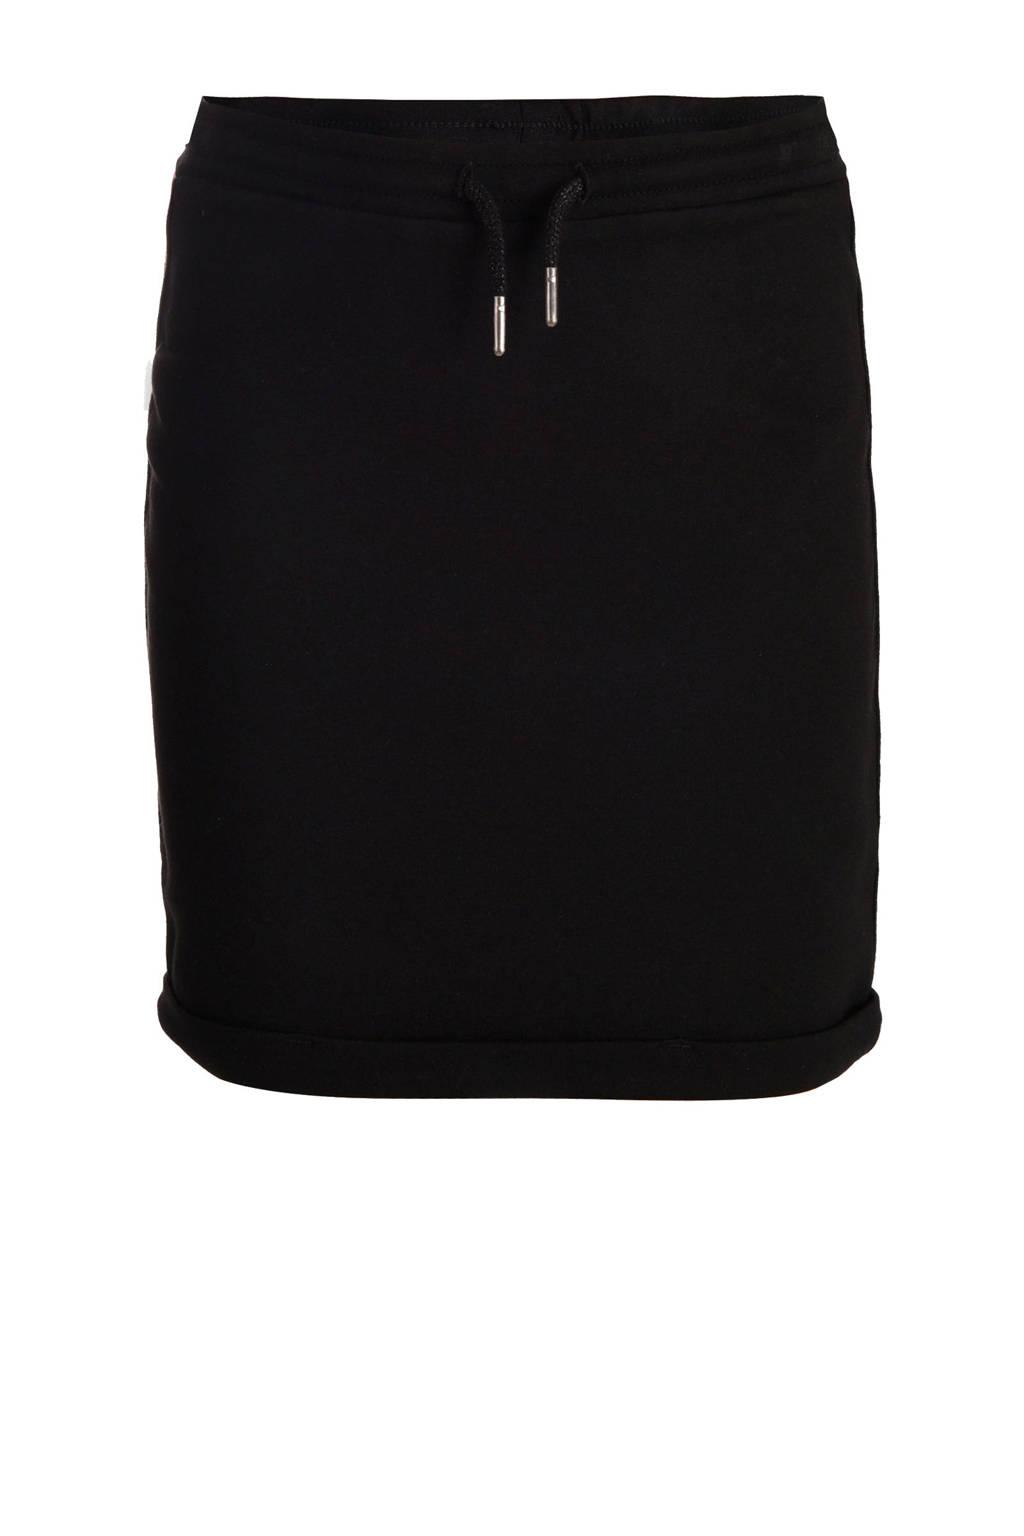 JILL MITCH rok sweatsof zwart/zilver/brons, Zwart/roze